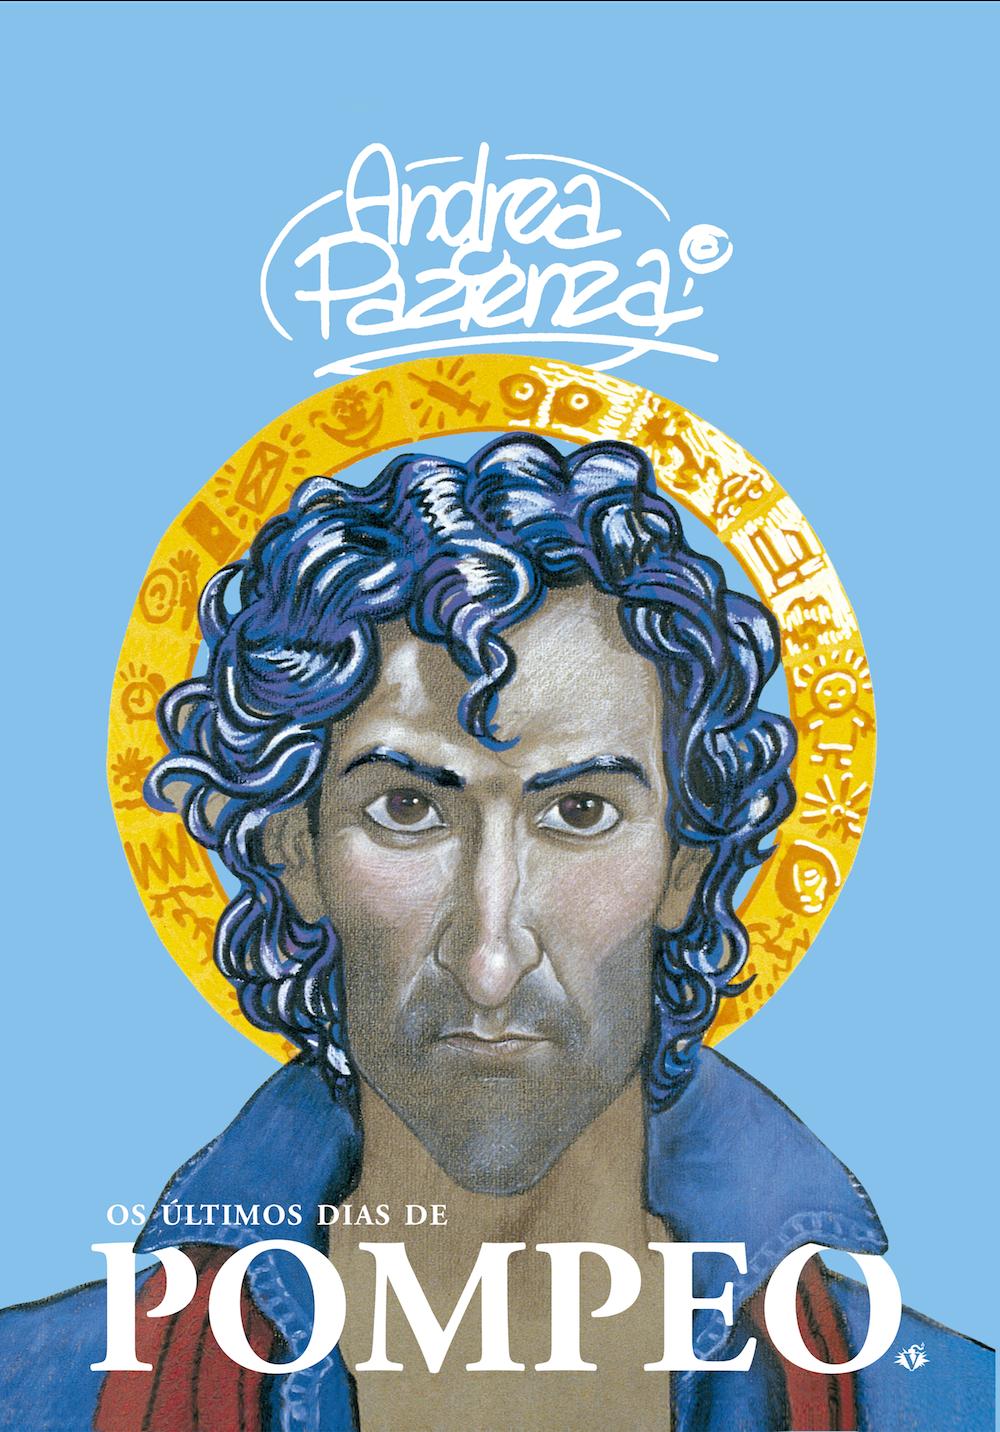 Os Últimos Dias de Pompeo: o clássico do italiano Andrea Pazienza ganha edição brasileira pela Veneta